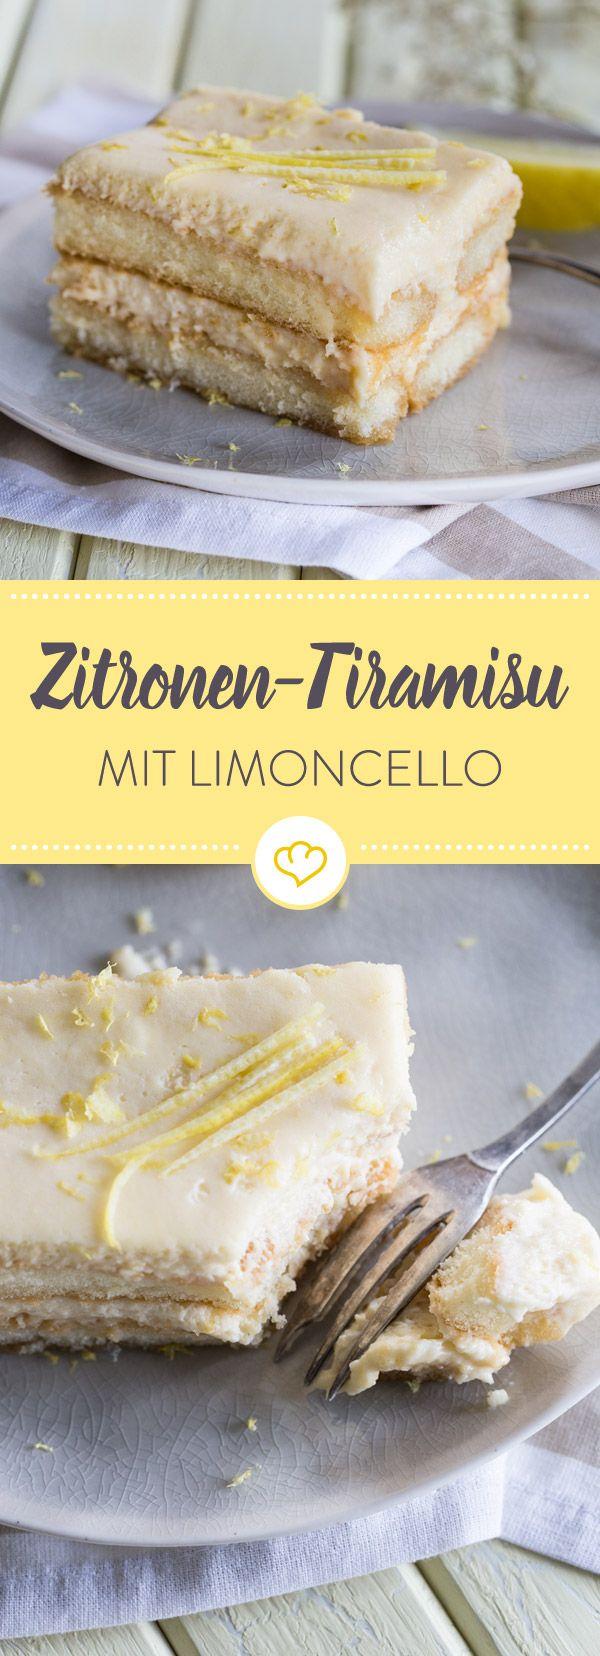 Bei diesem Zitronen-Tiramisu mit Limoncello verwandelt sich der italienische Klassiker in ein köstliches Sommer Dessert, dass herrlich erfrischend schmeckt.